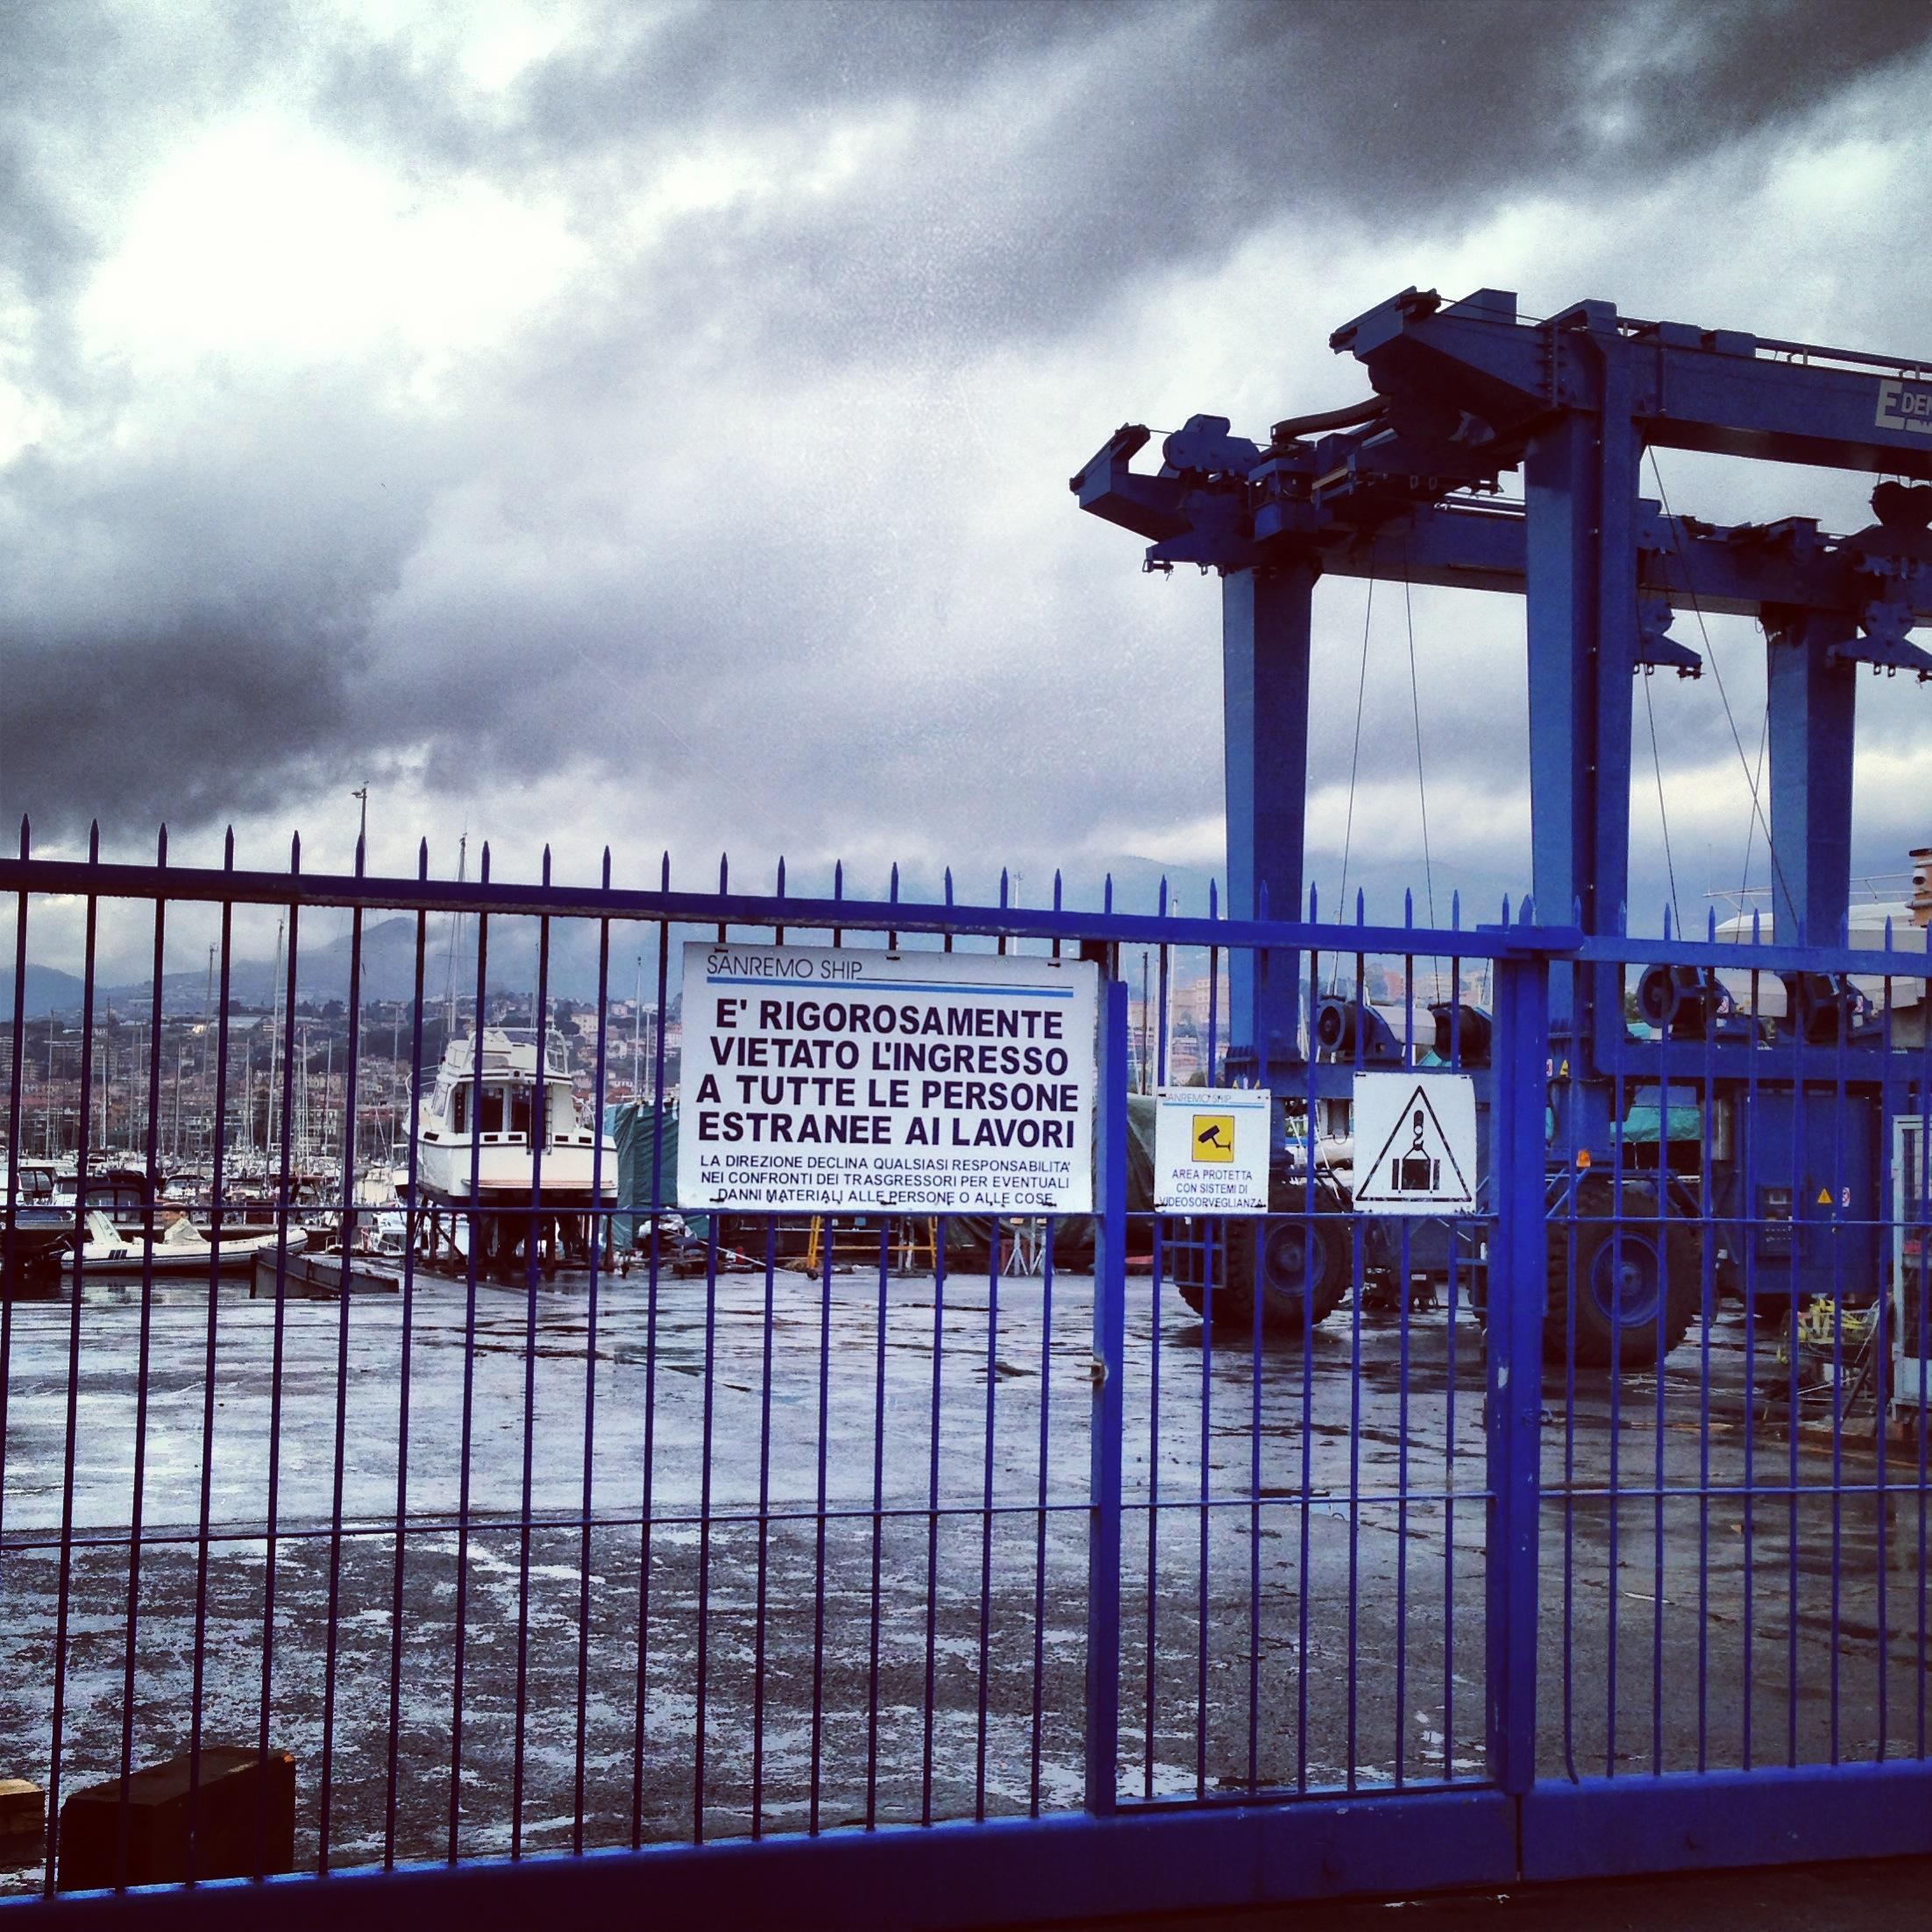 Le chantier naval Permare construit les Amer Yachts à Portosole Sanremo